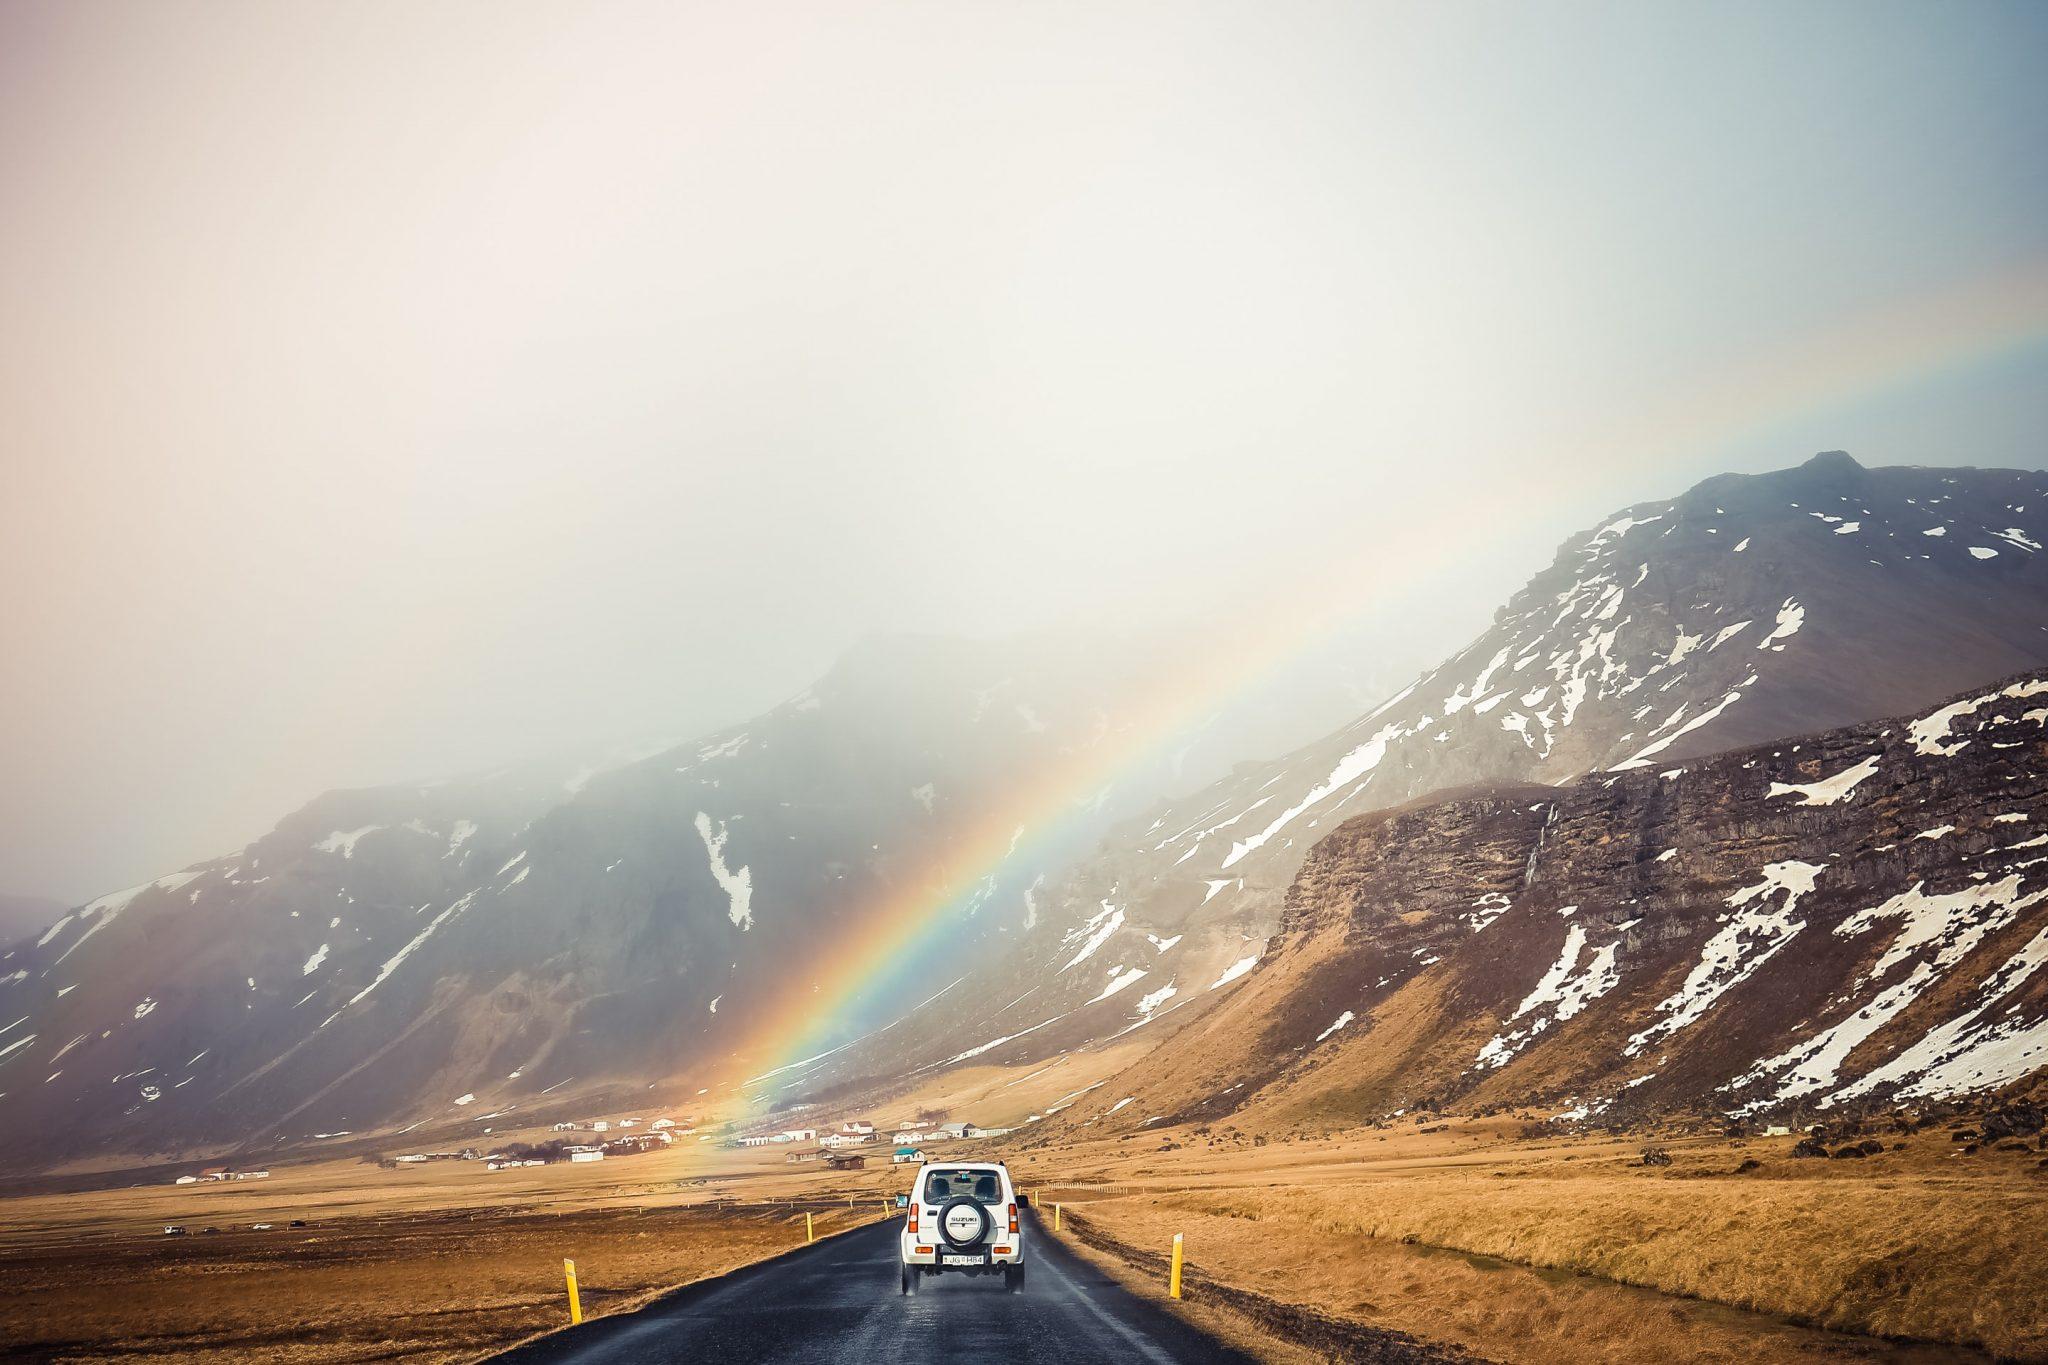 suerte arcoíris símbolo